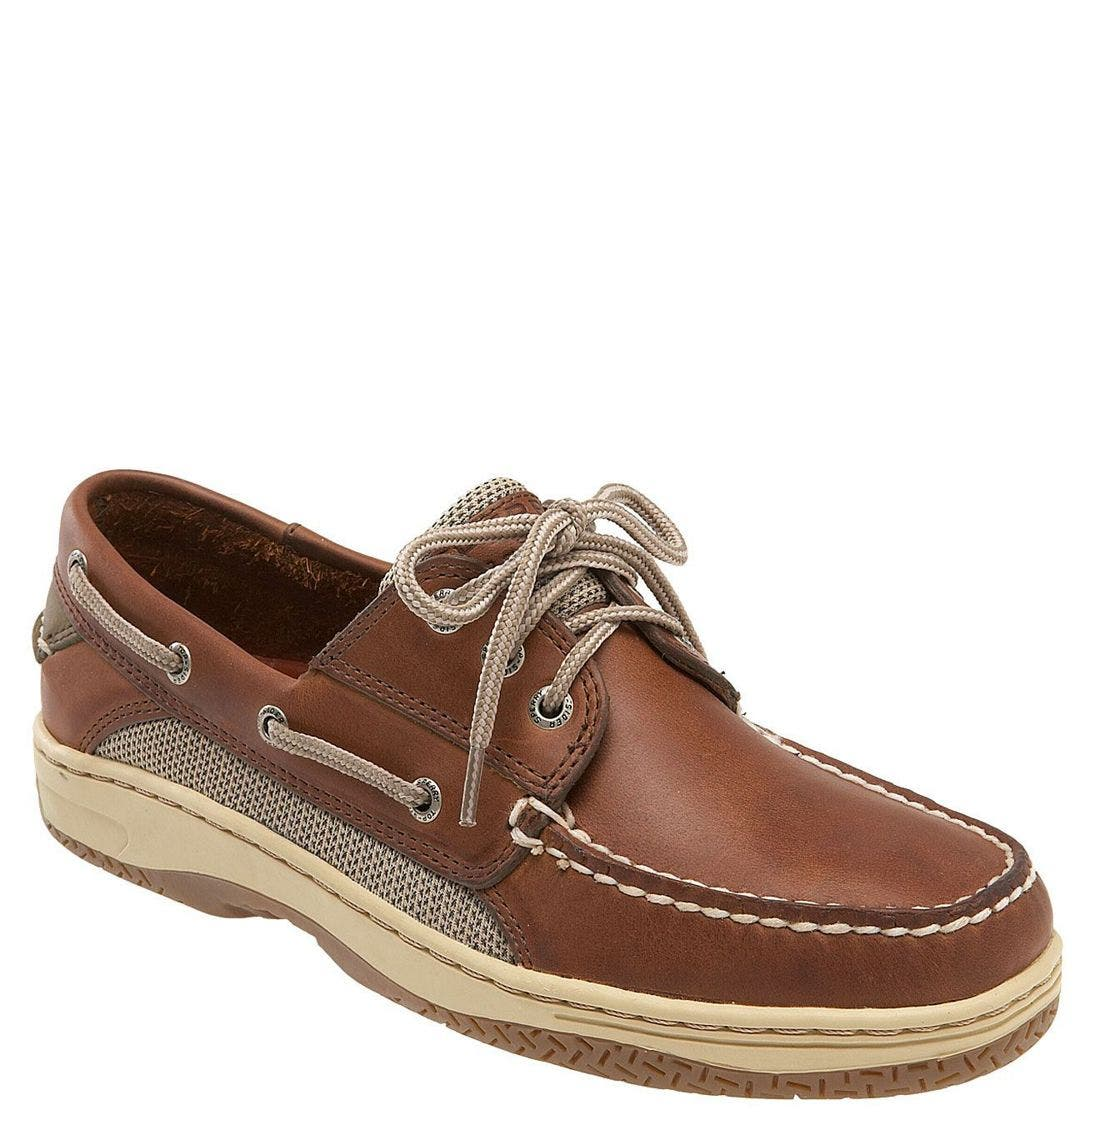 SPERRY 'Billfish' Boat Shoe, Main, color, Dark Tan